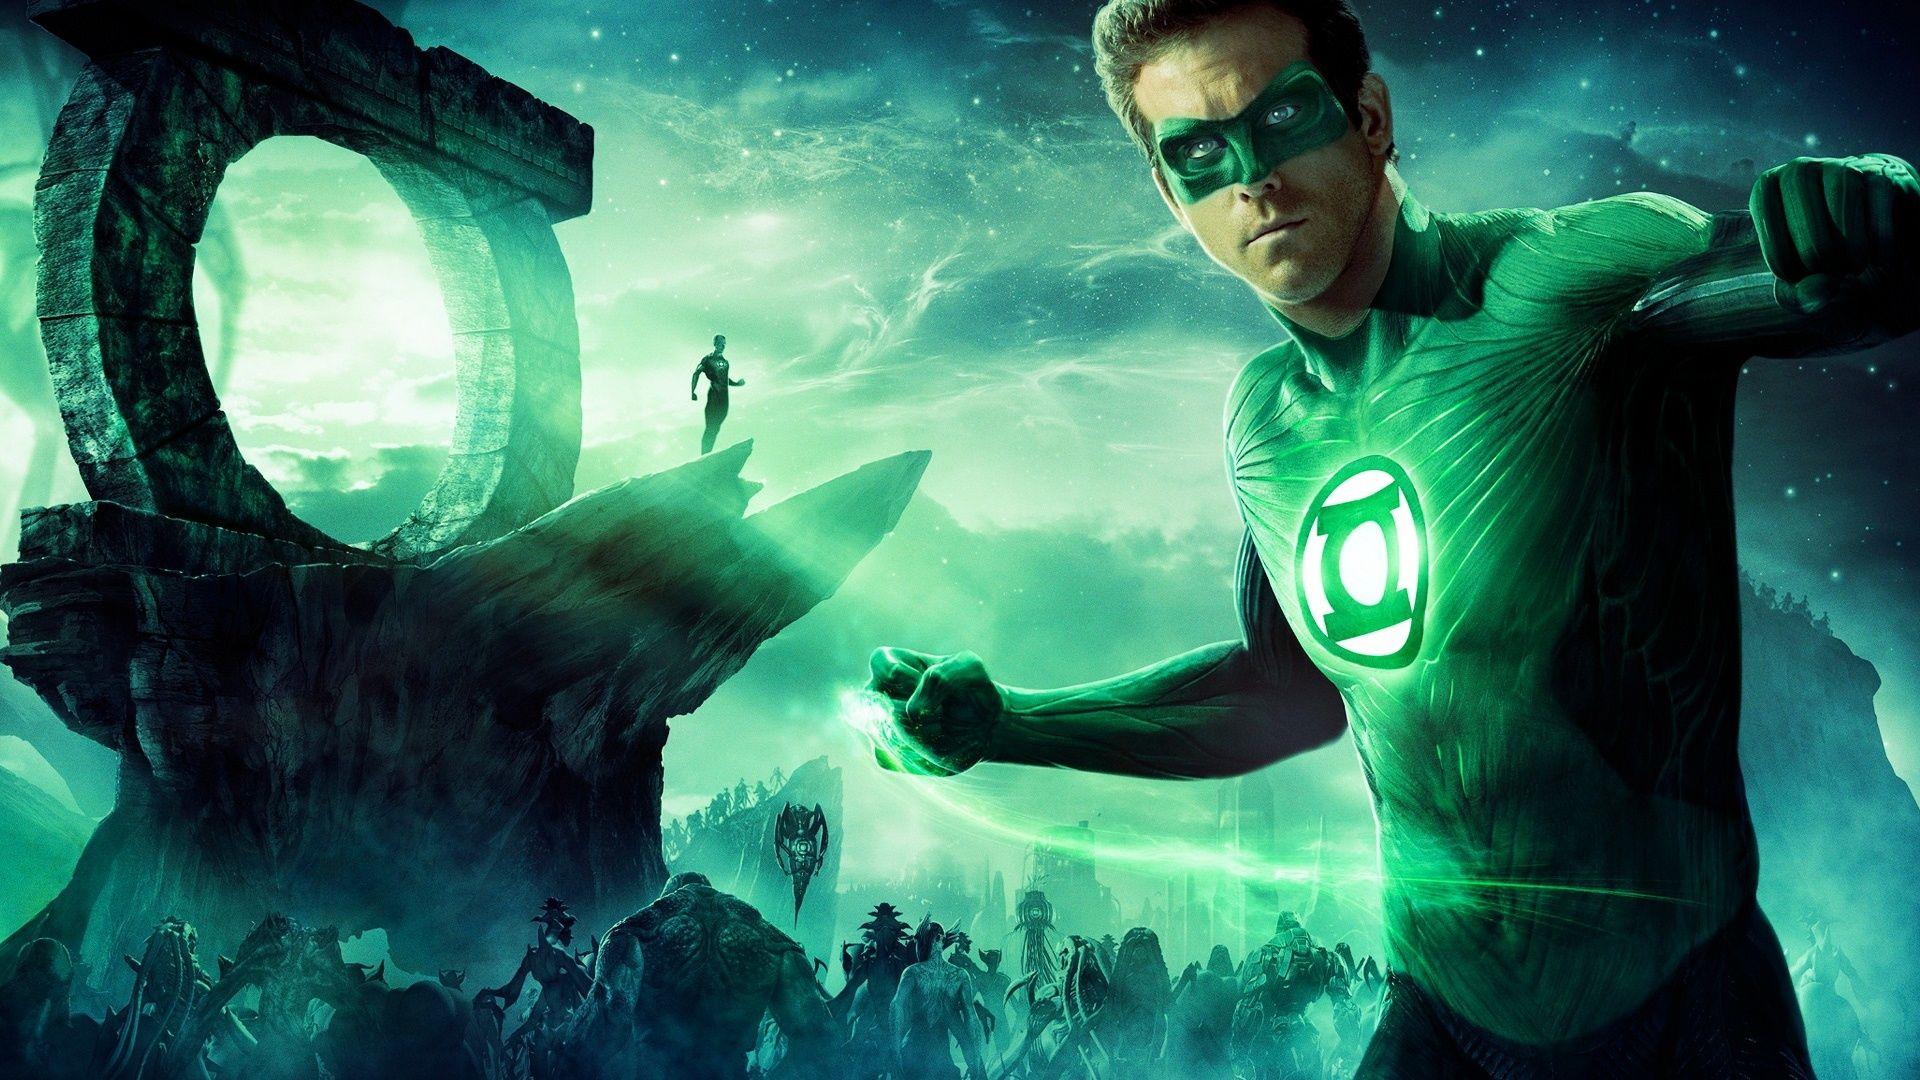 Download Torrent Green Lantern 2011 Http Moviestorrents Net Action Green Lantern 2011 Html Comics Pinterest Comics Y Verde